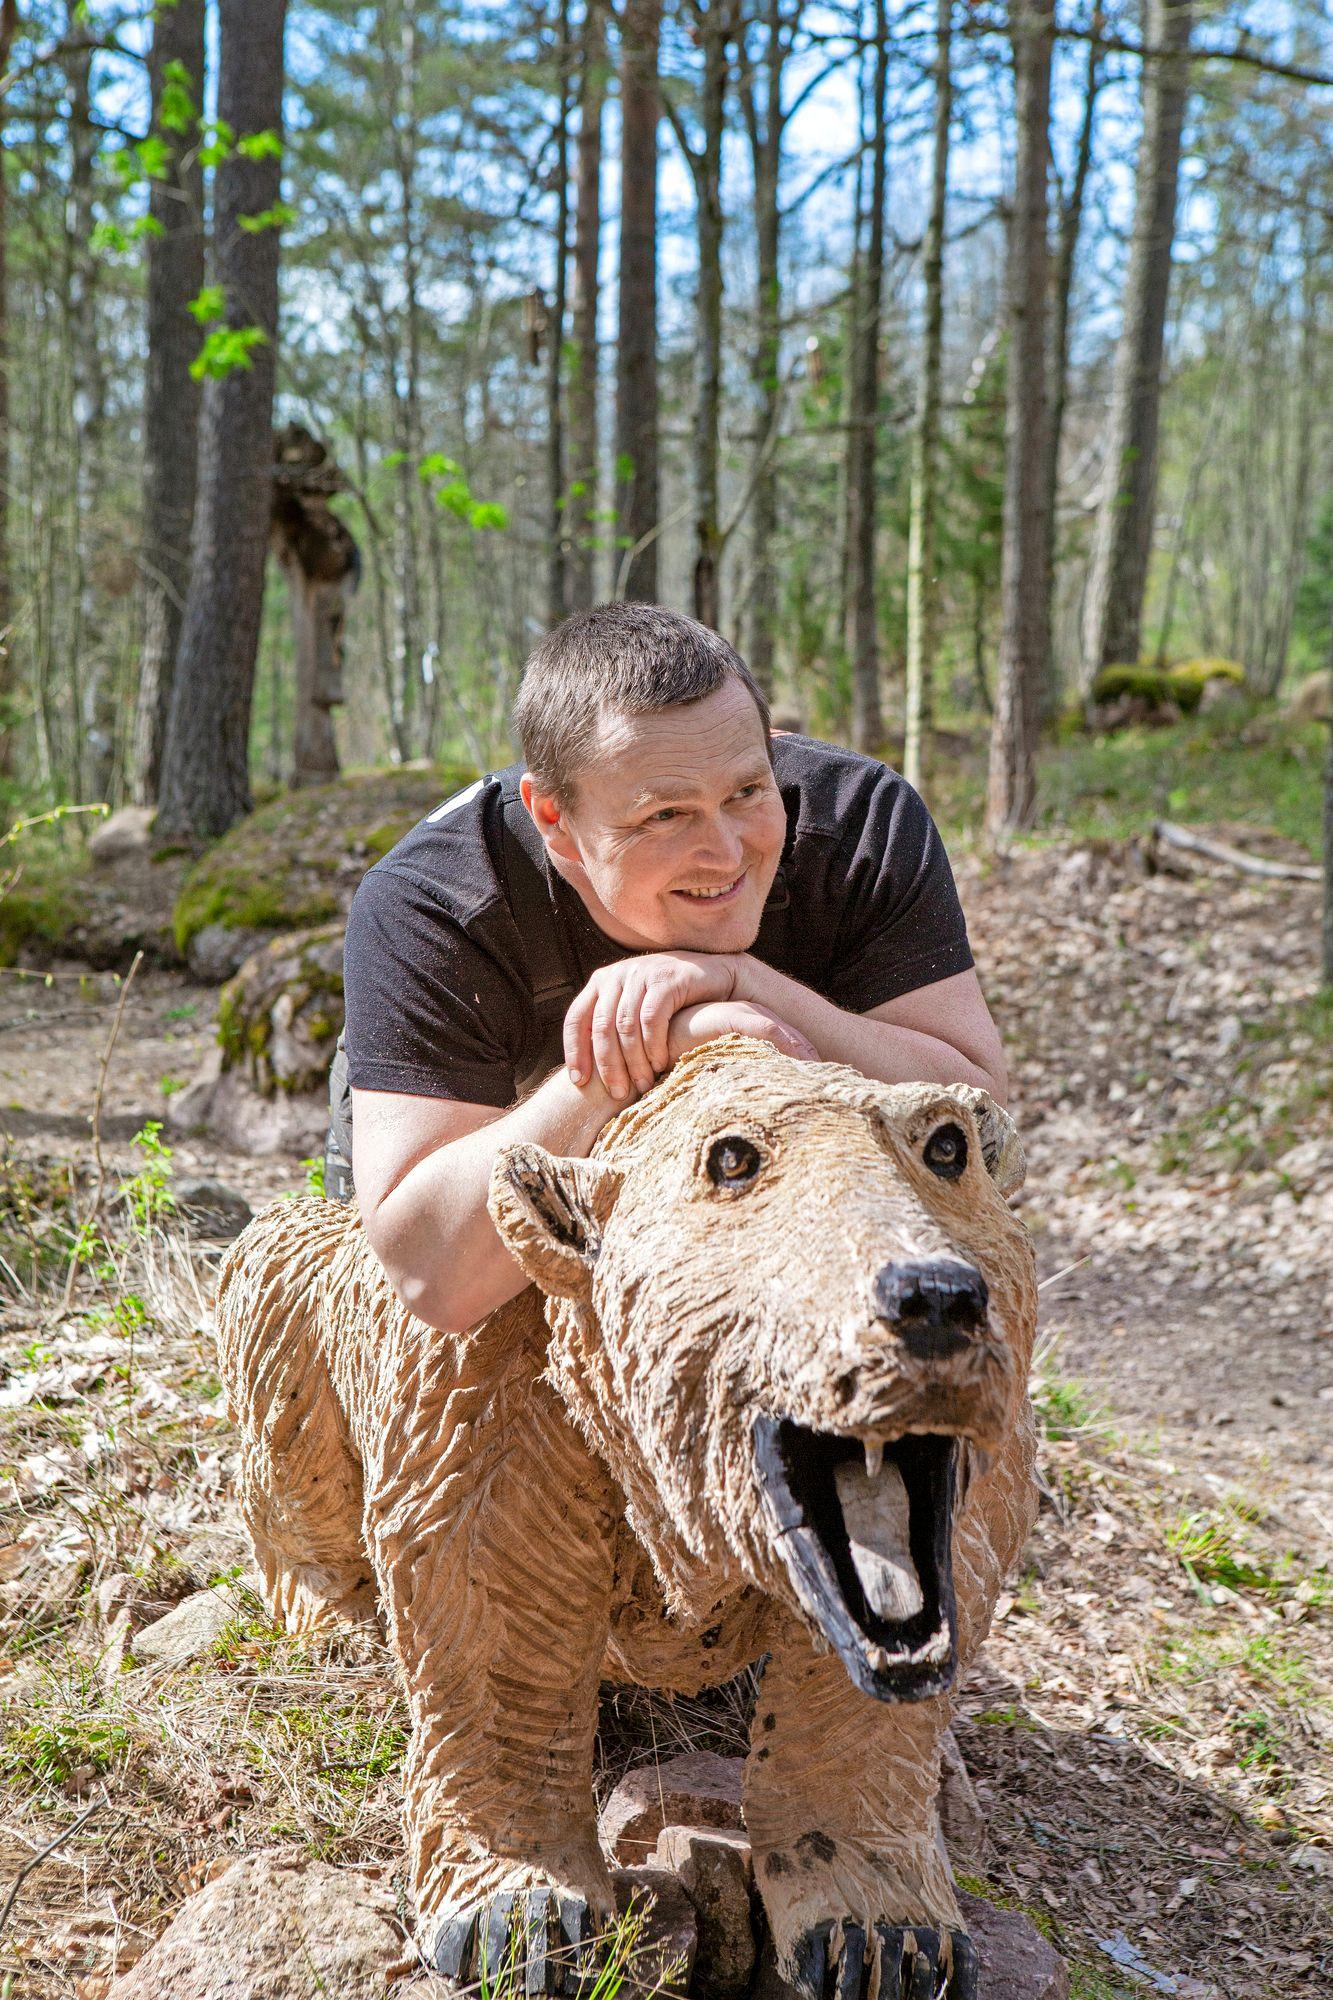 Puusta voi tehdä mitä vain, toteaa August Eskelinen veistämänsä karhun selässä. © Copyright Tiiu Kaitalo